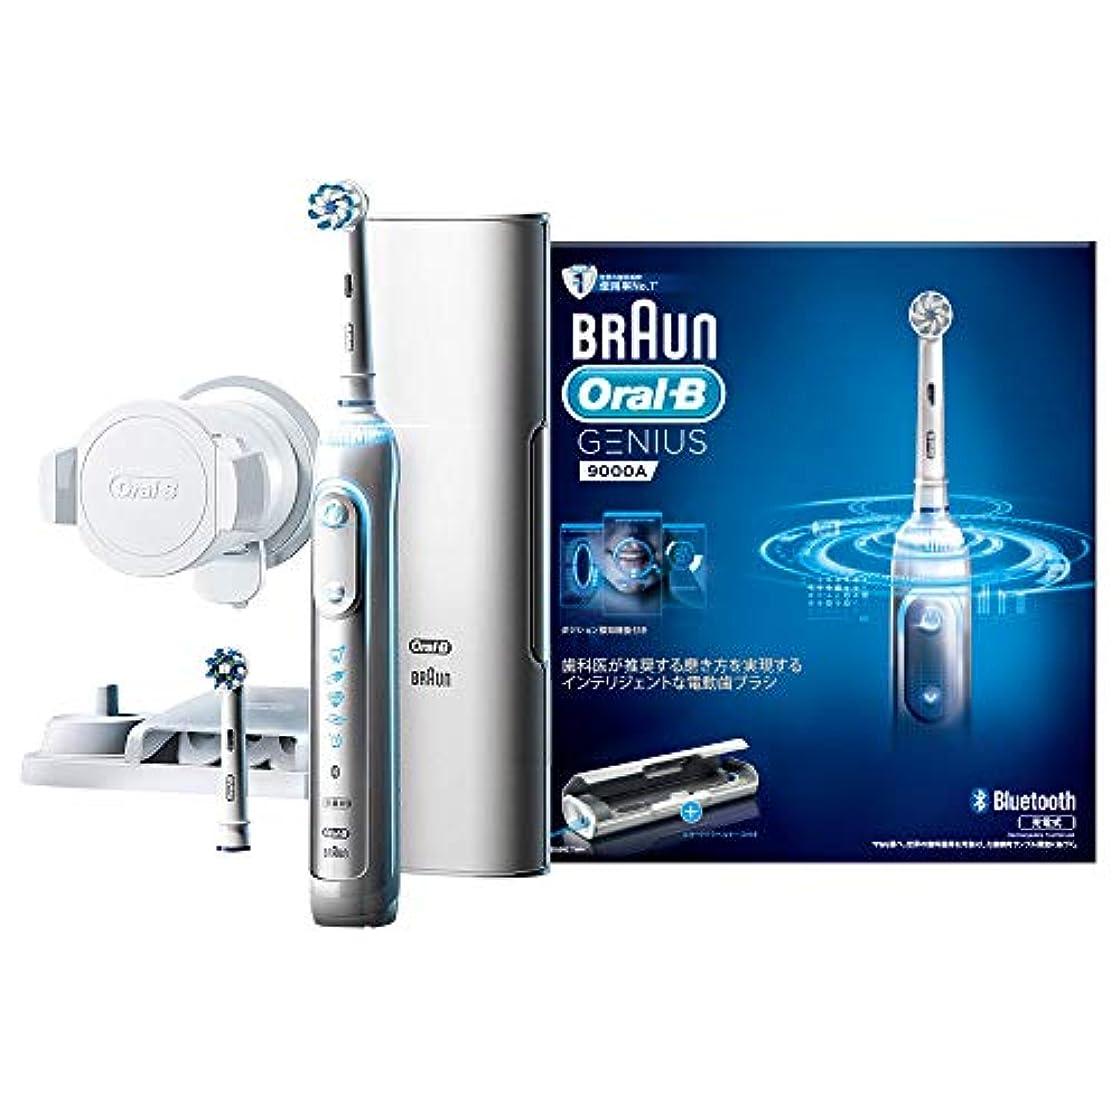 モバイルツイン見積りブラウン オーラルB 電動歯ブラシ ジーニアス9000 ホワイト D7015256XCTWH